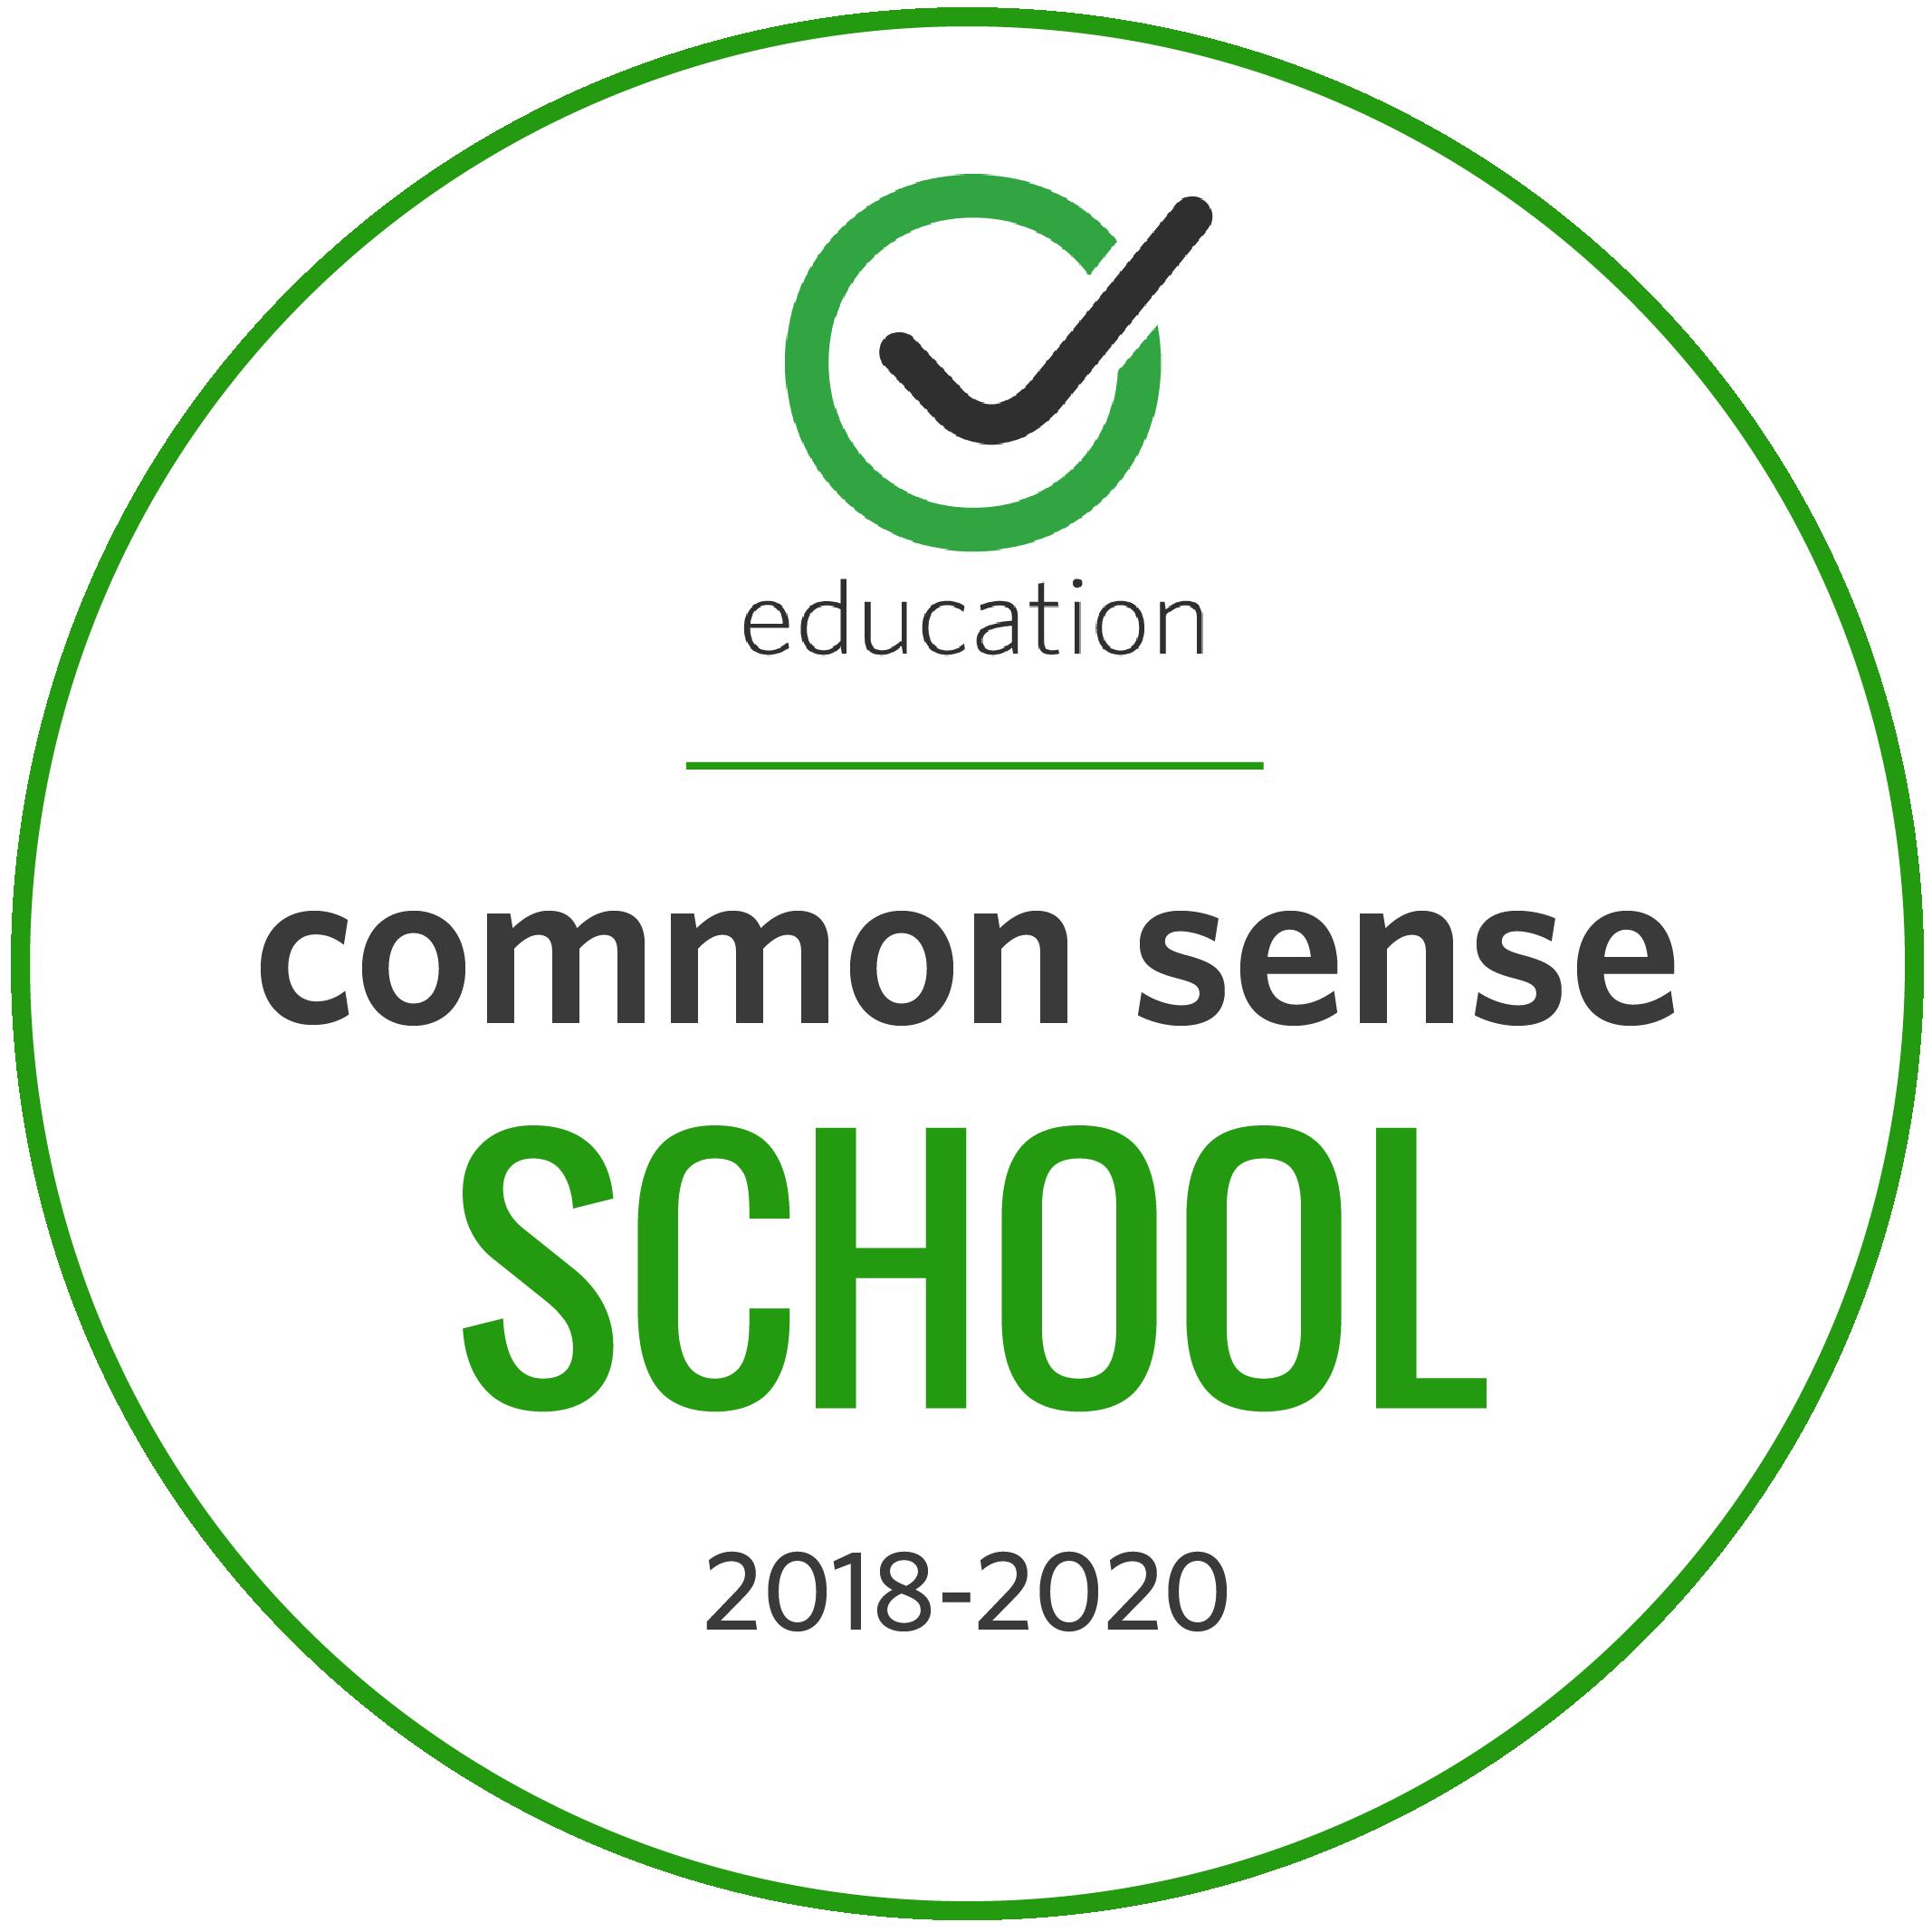 SchoolBadge2018-2020(1) (1)